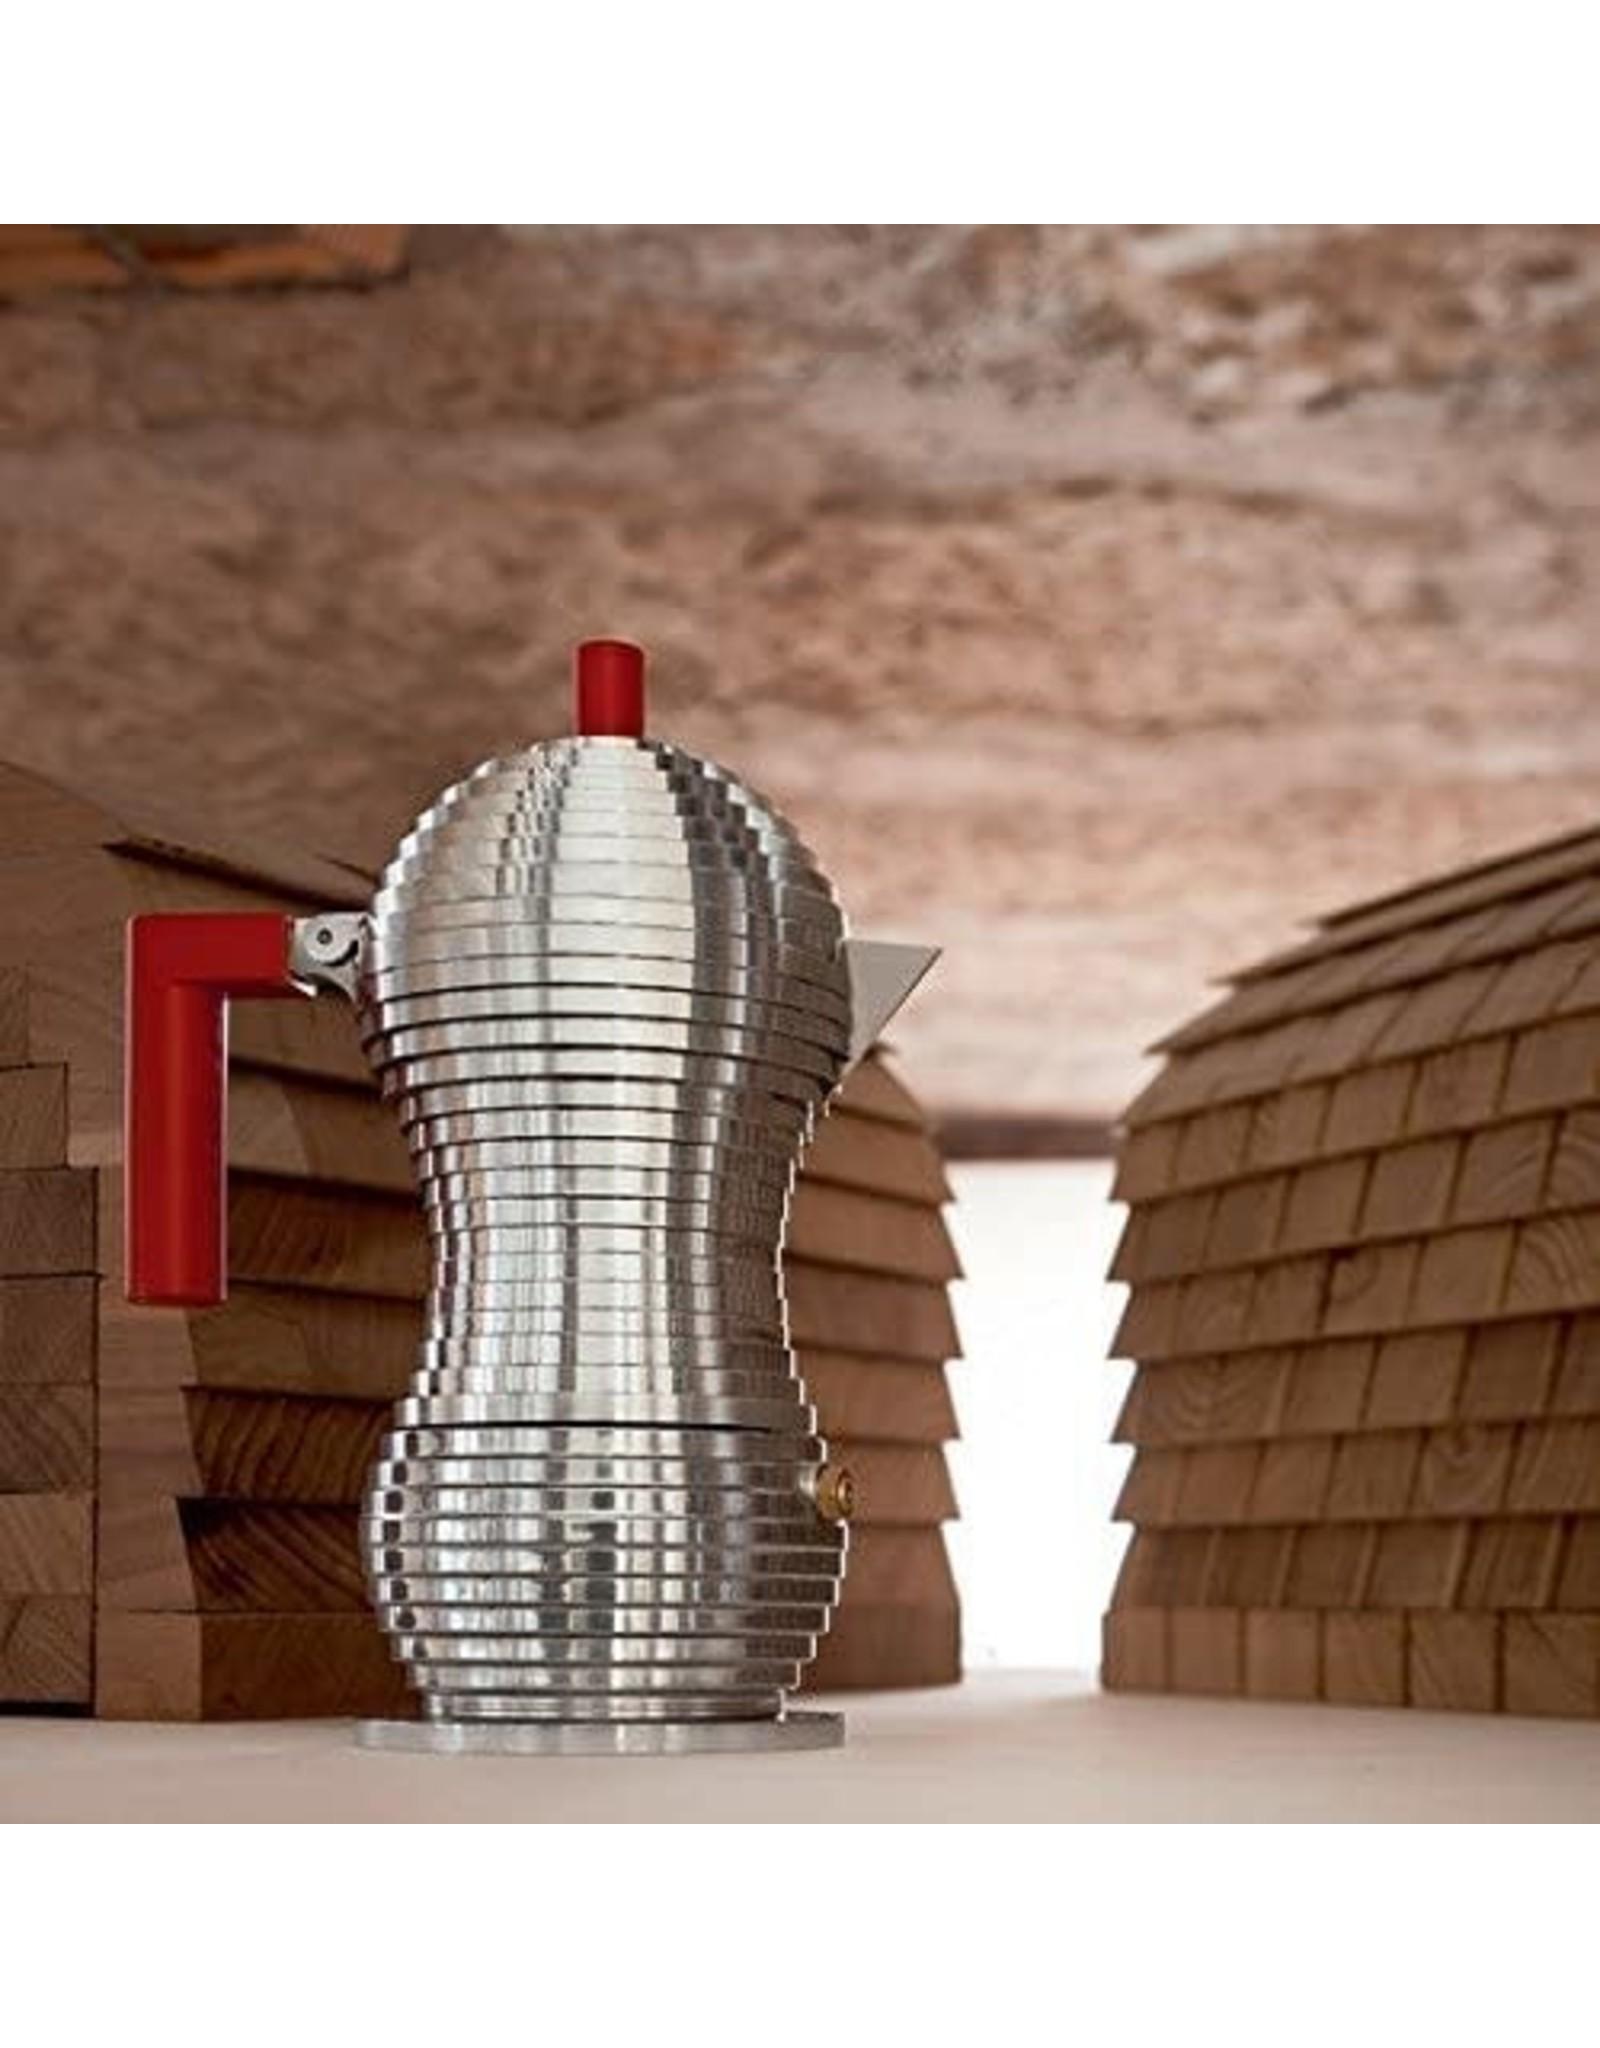 Alessi ALESSI 'PULCINA' Espresso Coffee Maker - 6 cup - Red Knob & Handle